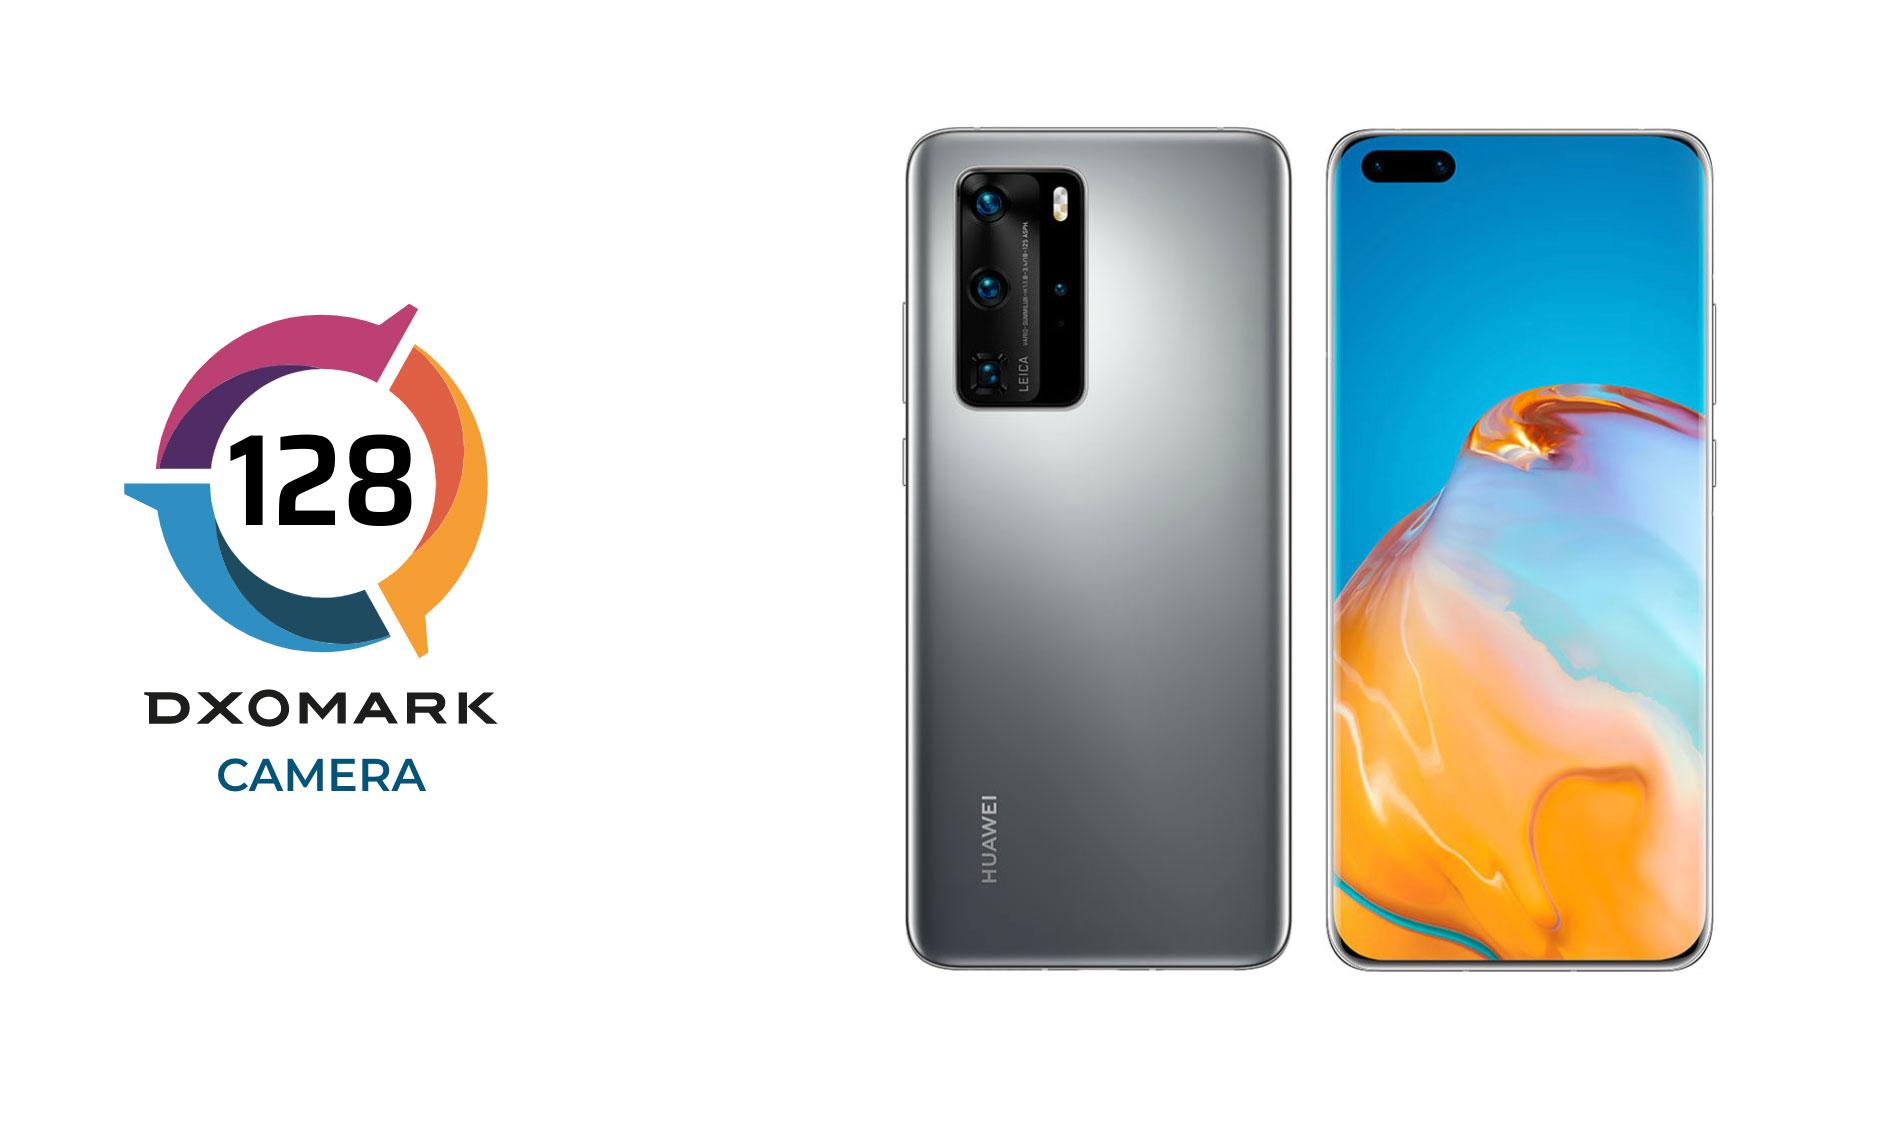 华为 P40 Pro 登顶 DXOMARK 手机相机排行榜冠军